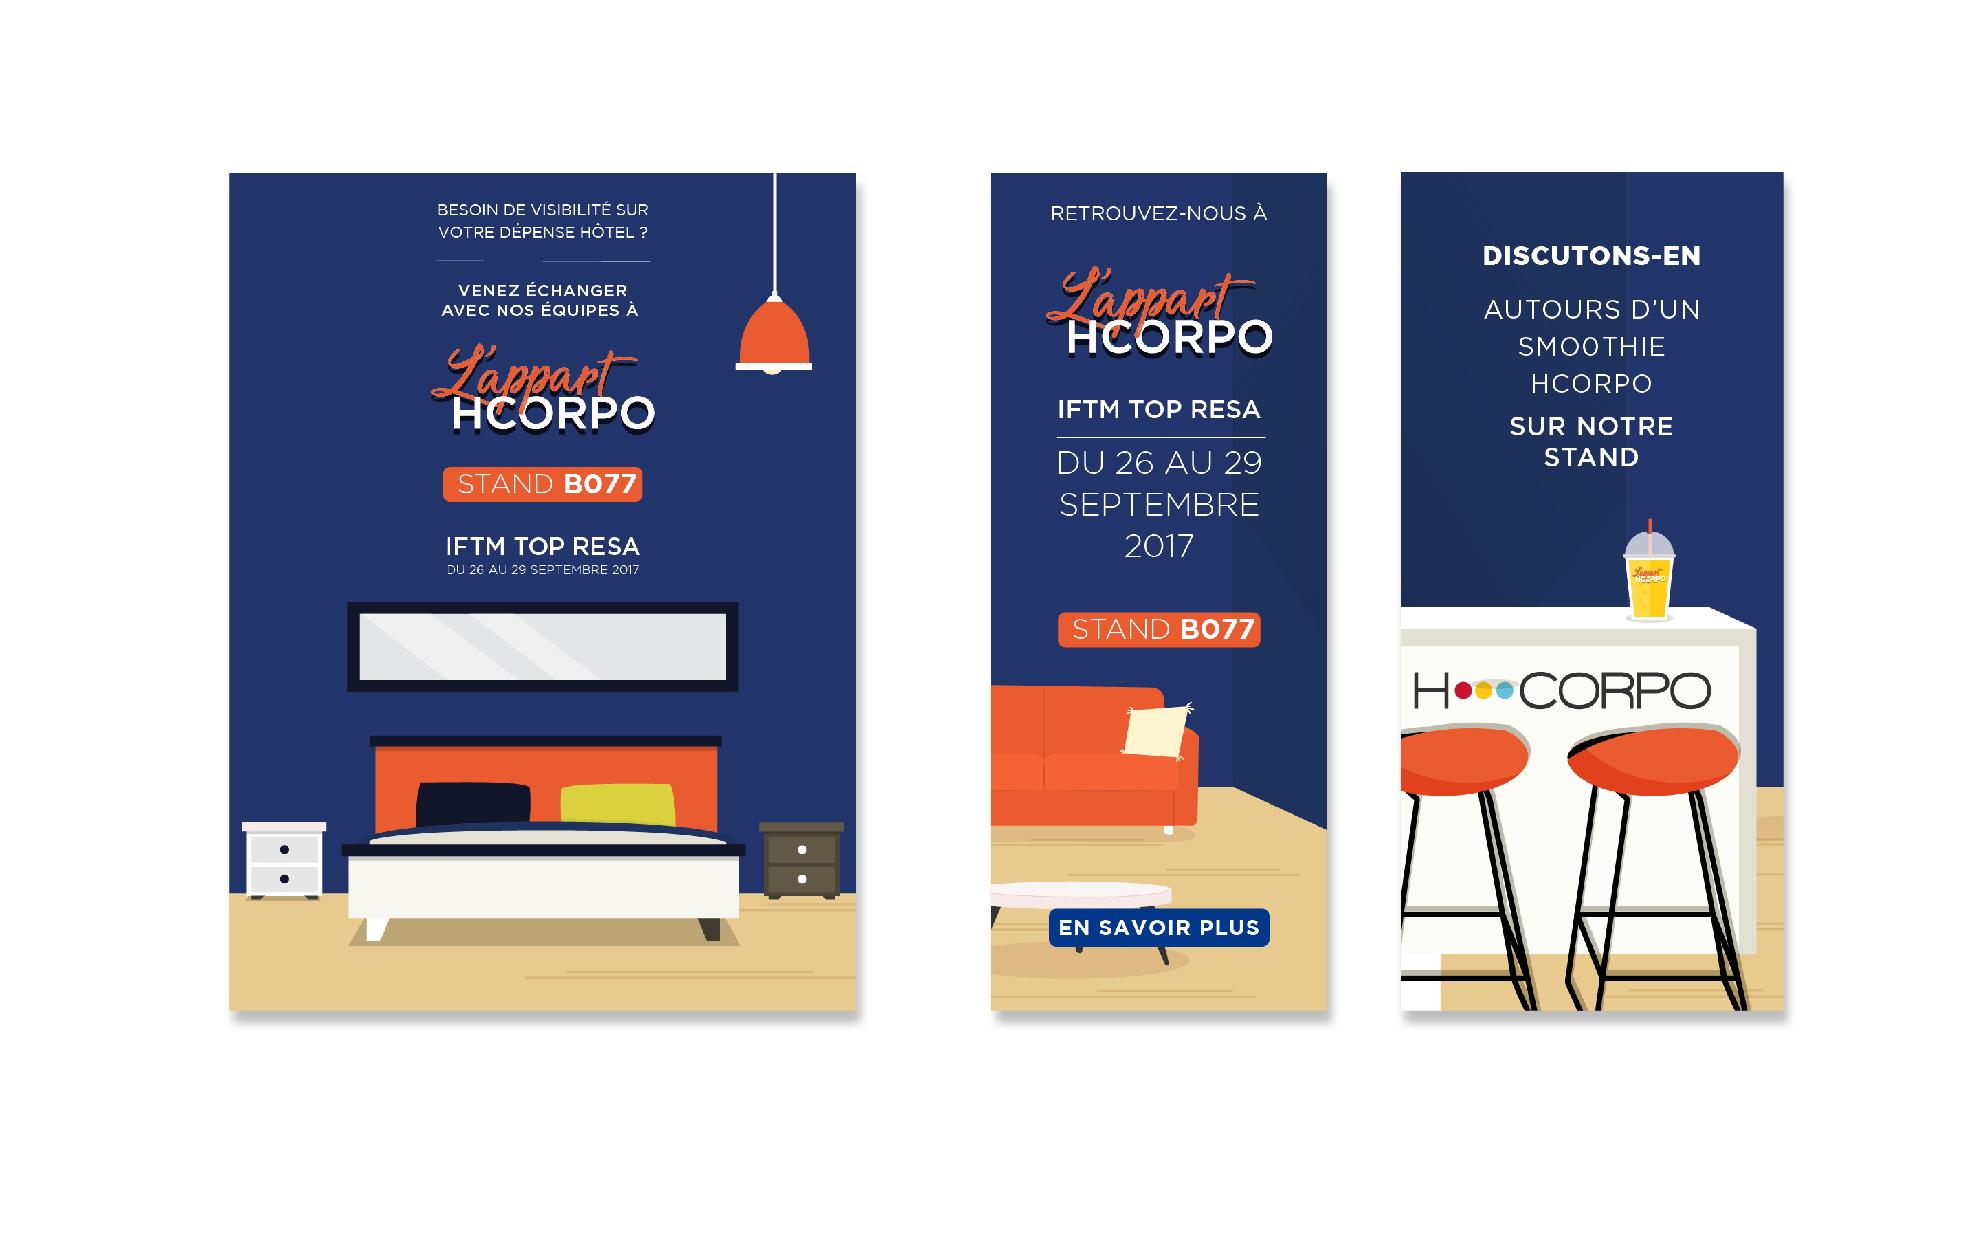 HCORPO-IFTM-03